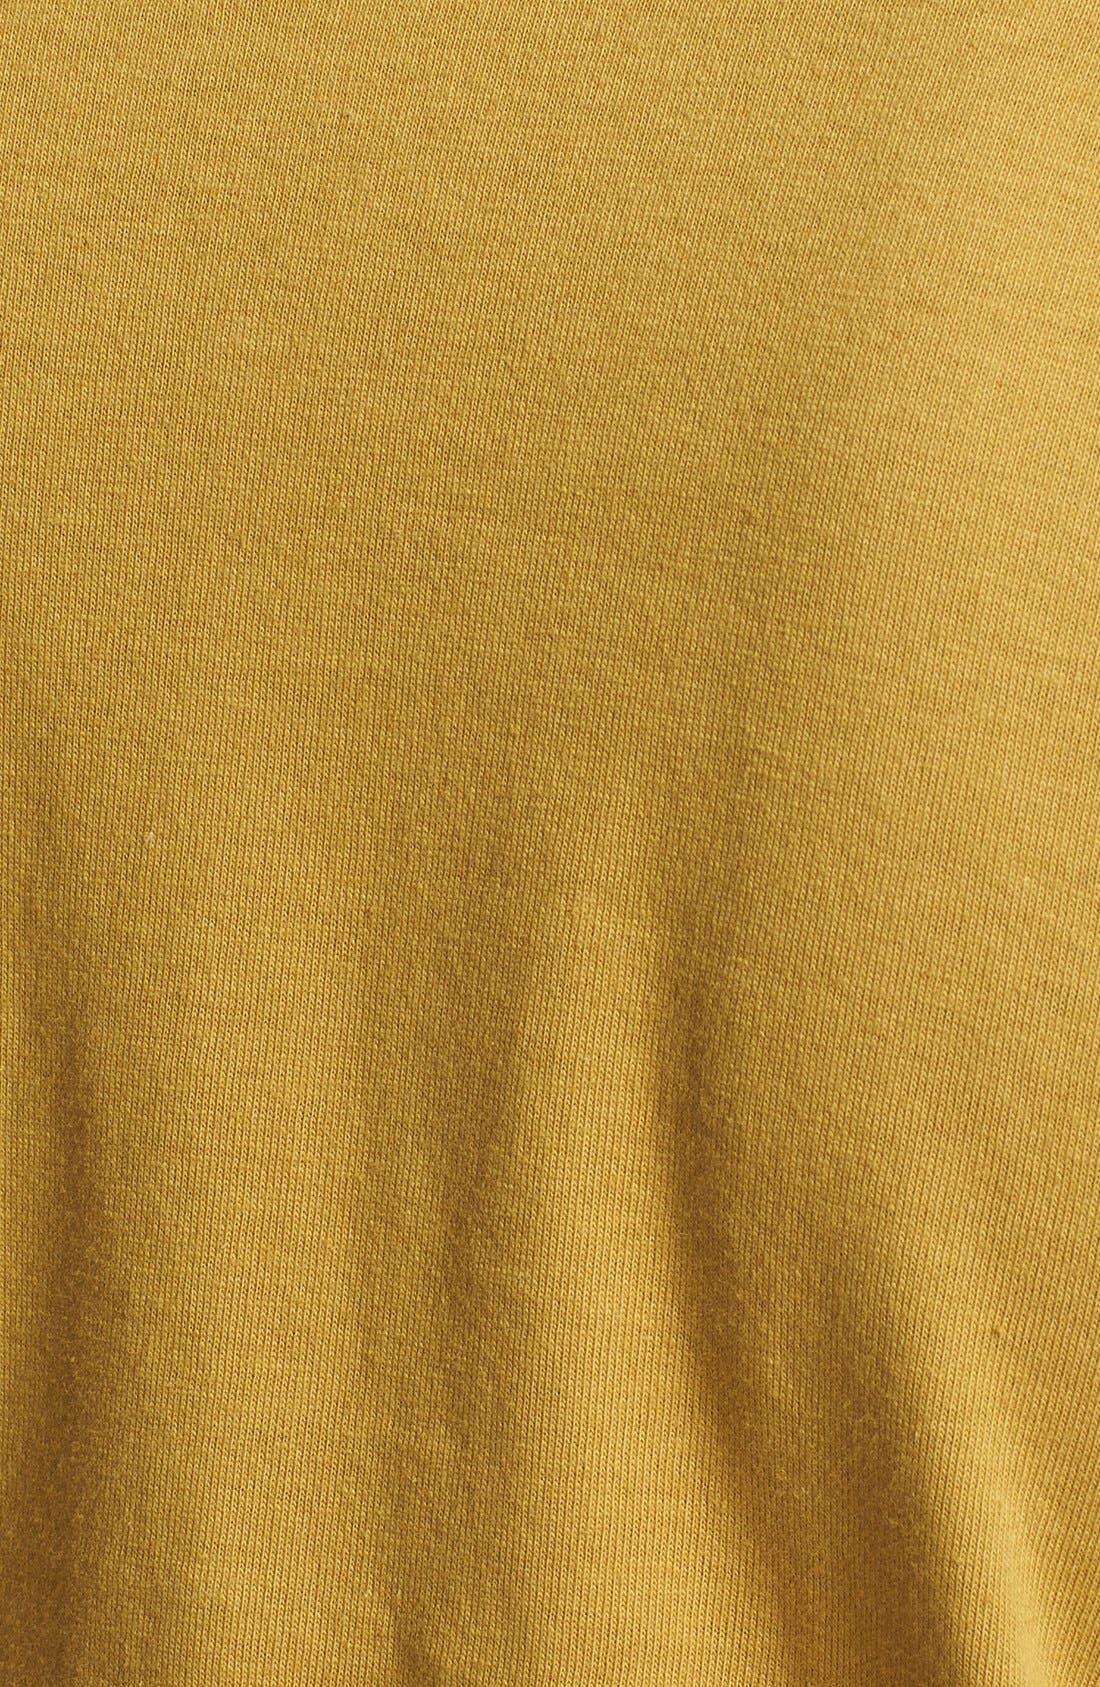 Comme des Garçons PLAY Cotton Jersey T-Shirt,                             Alternate thumbnail 3, color,                             Olive